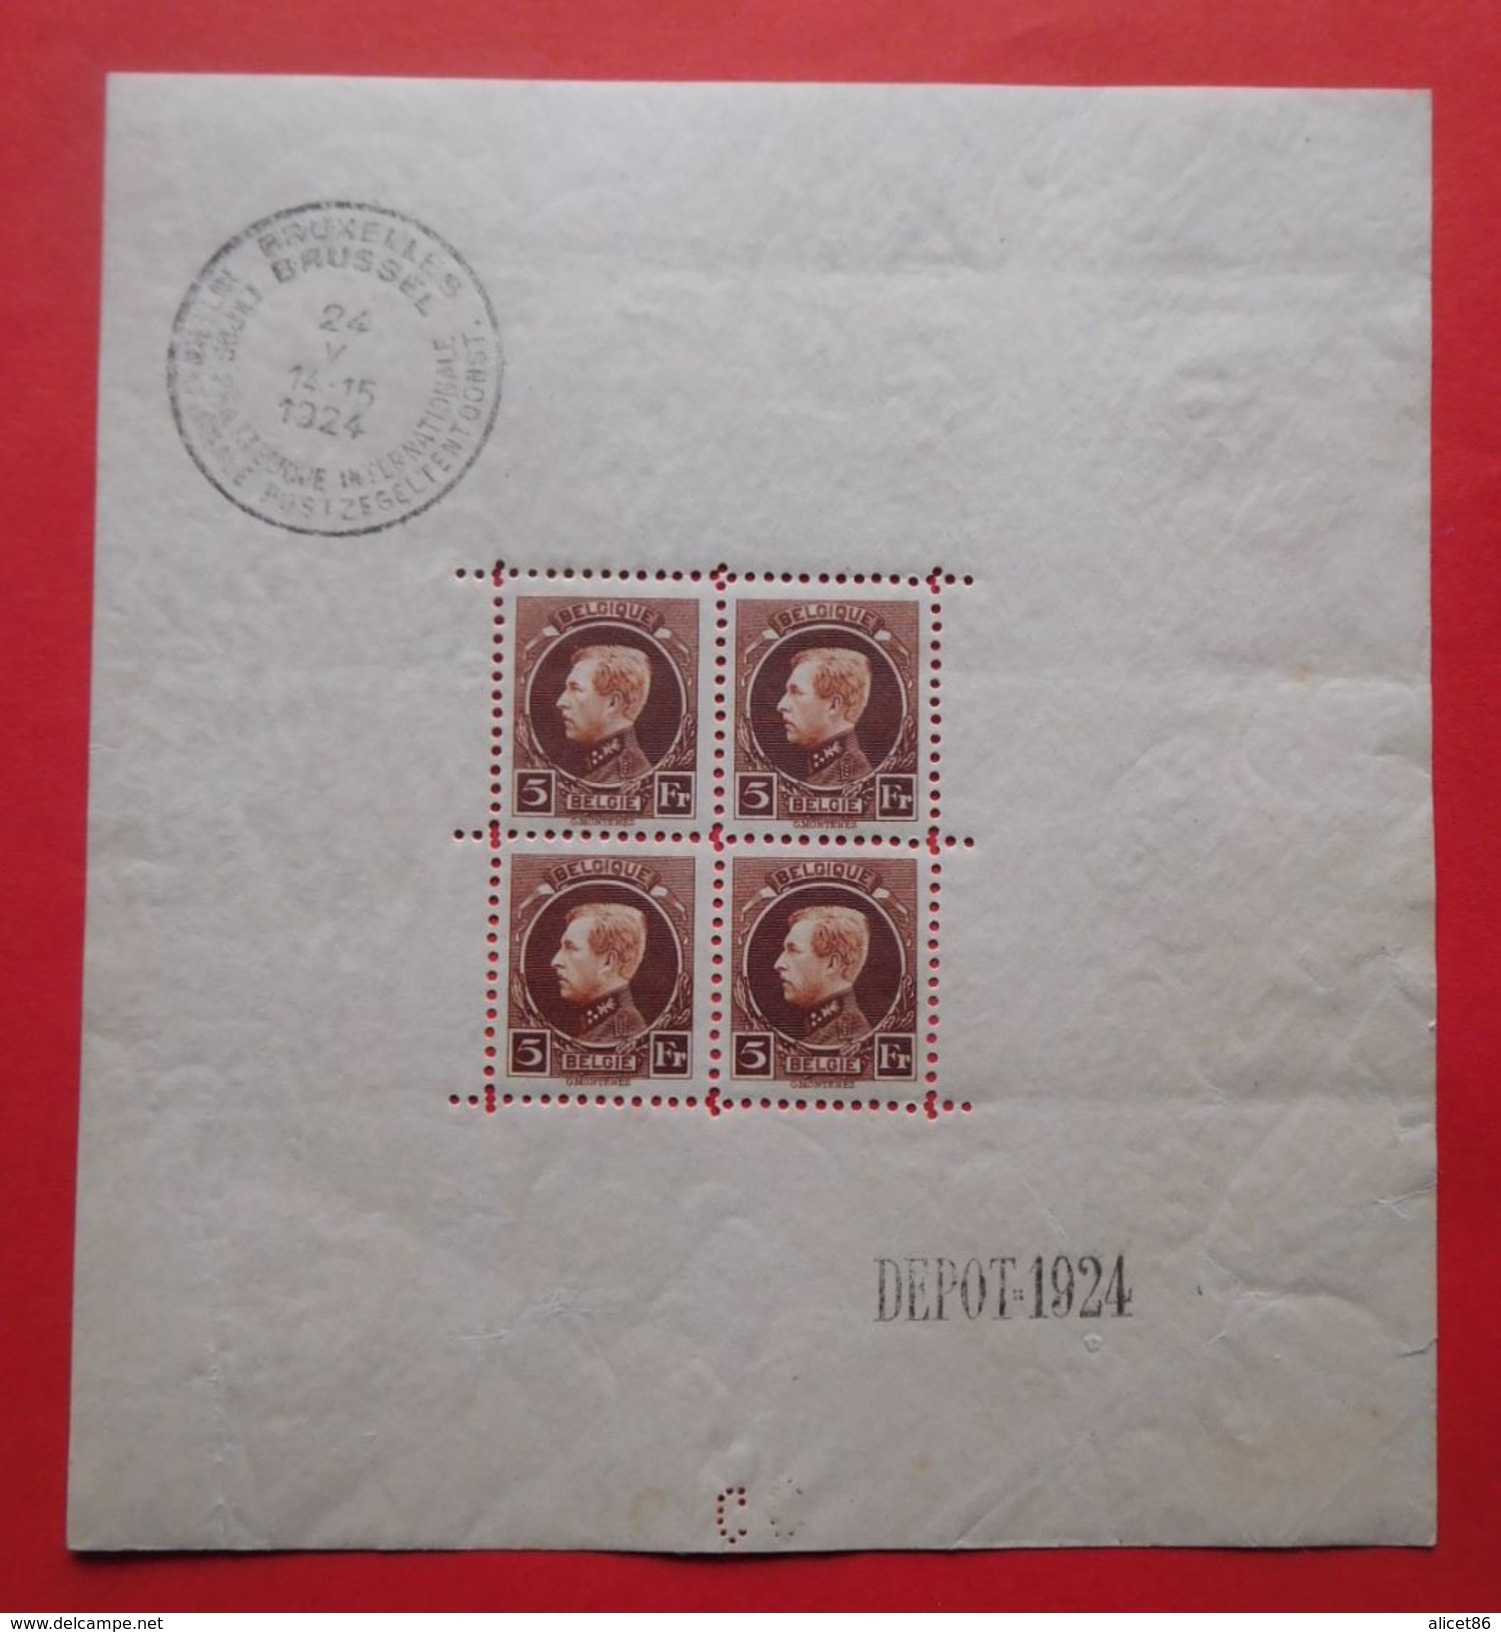 Bloc N°1 Timbres Neufs Belgique 1924 - Blocks & Sheetlets 1924-1960